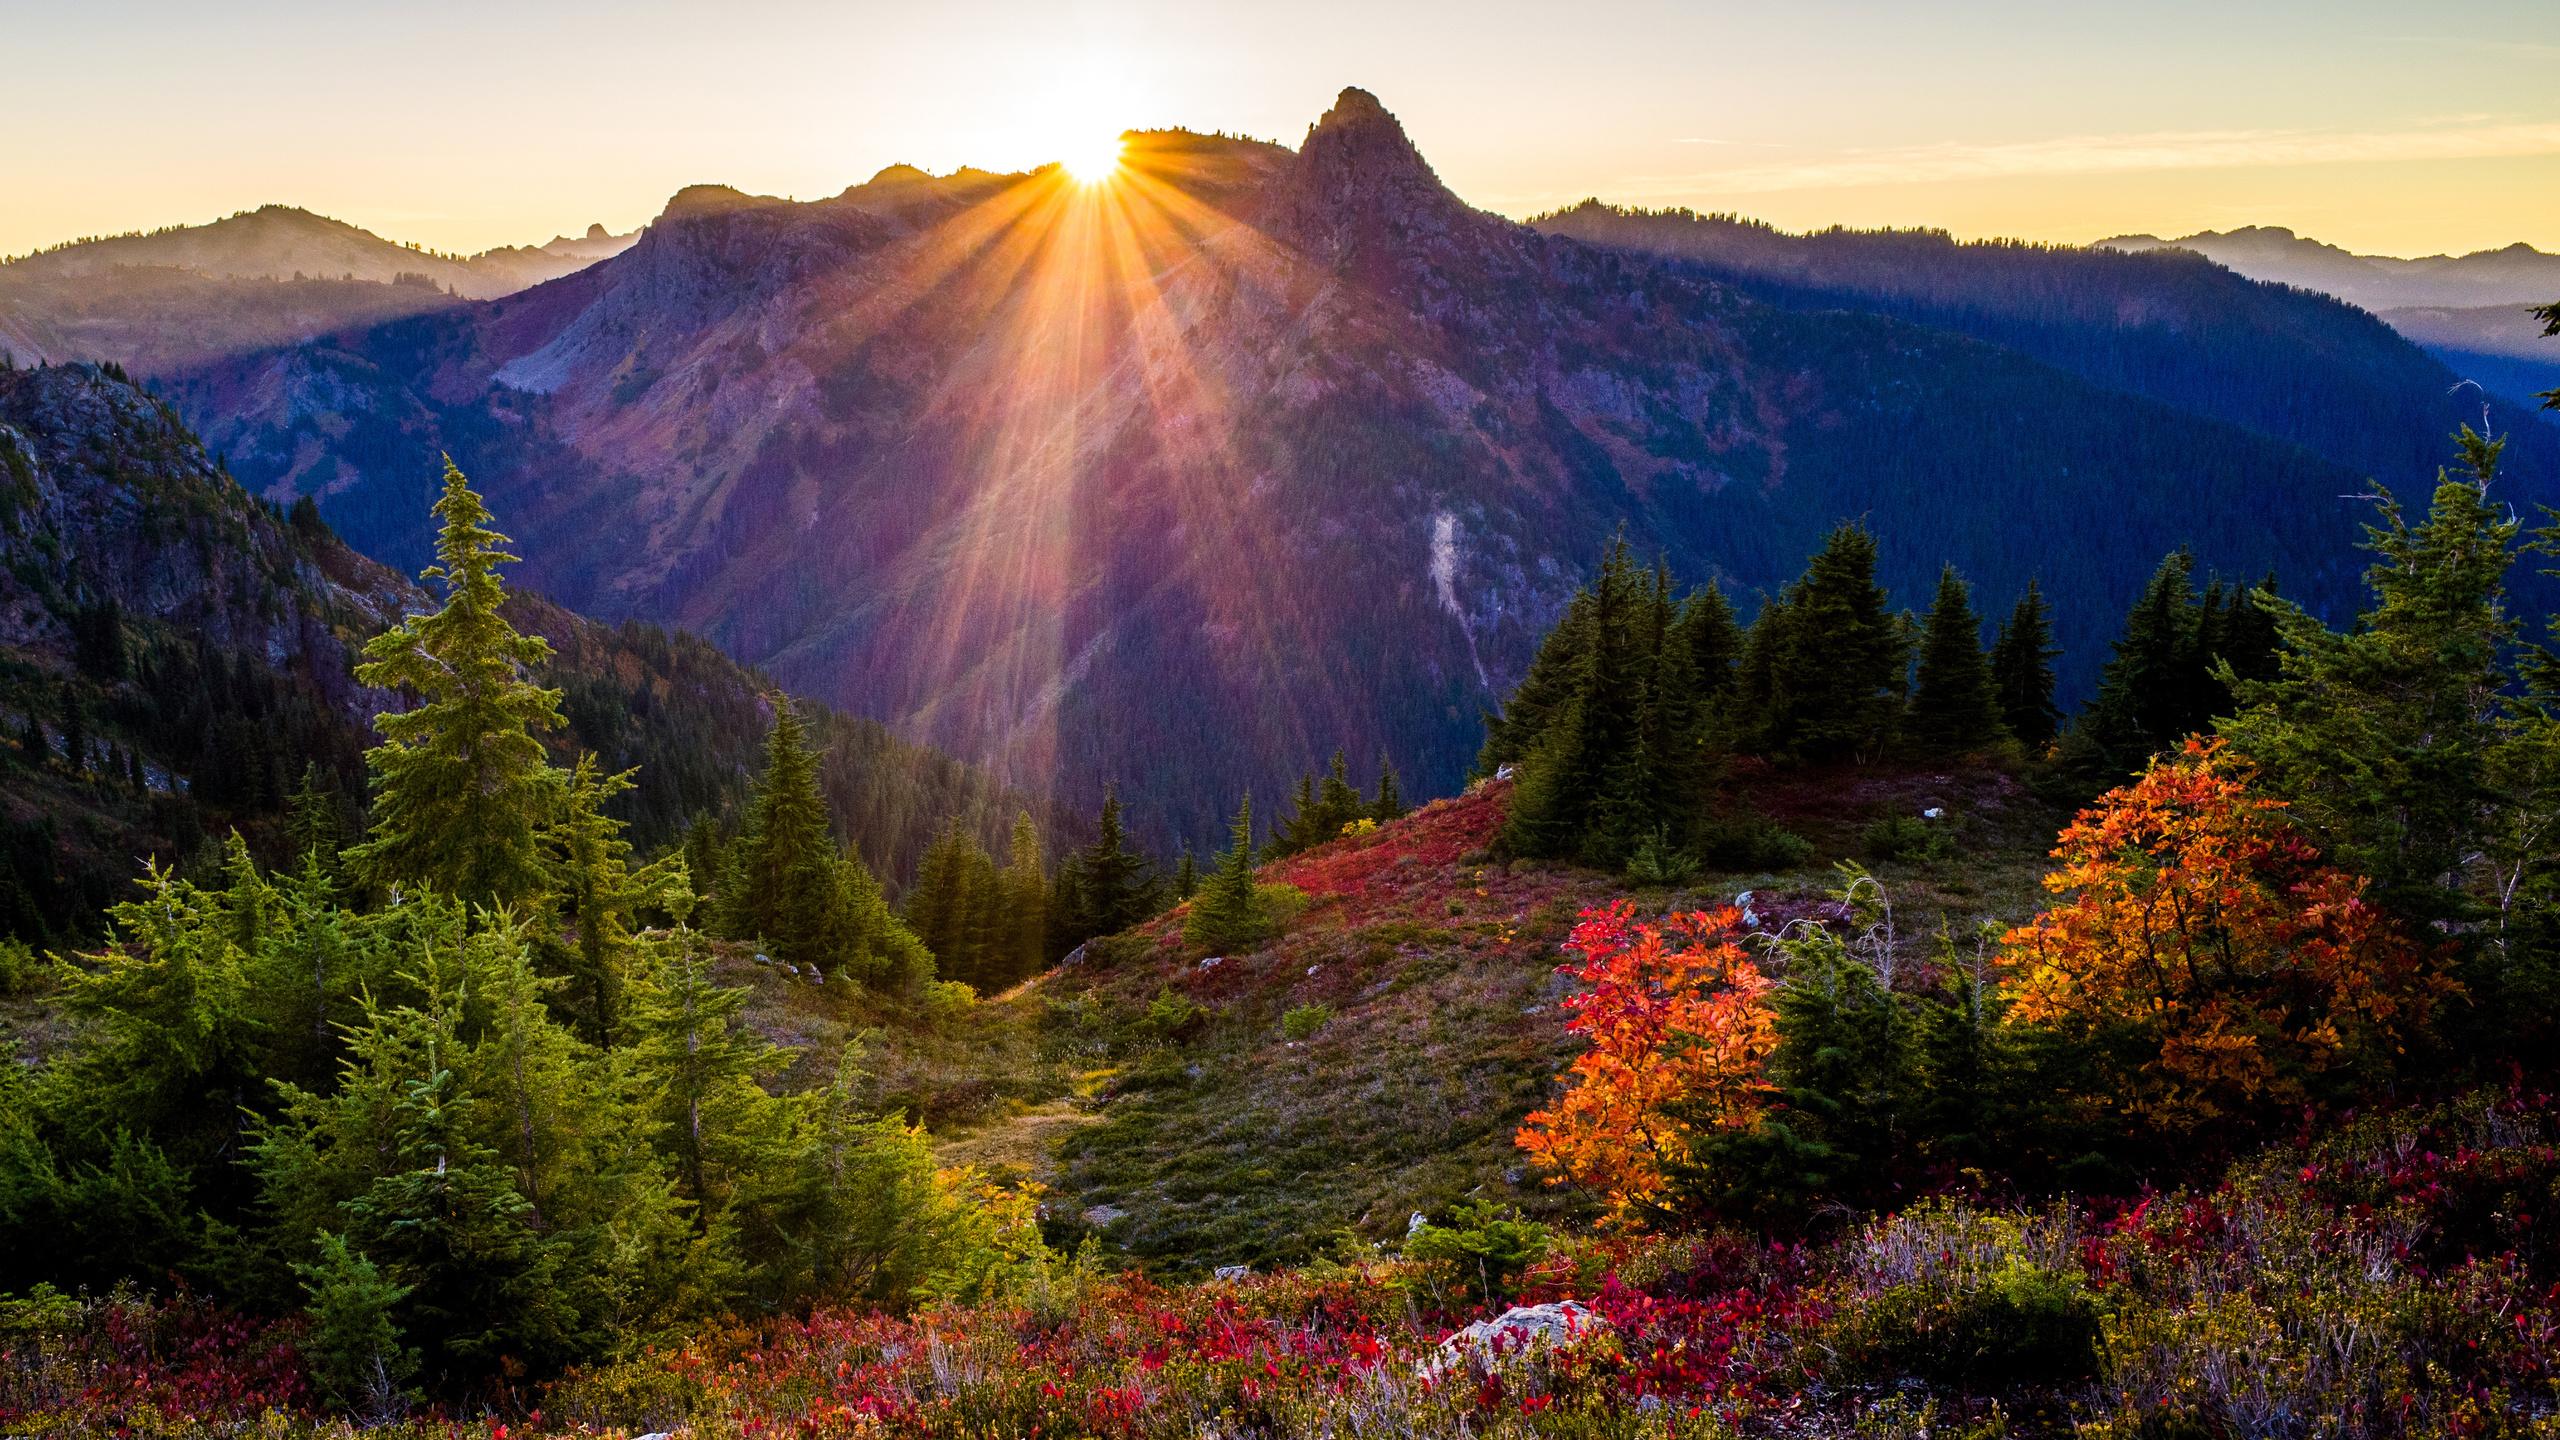 красивые картинки солнца в горах предлагаем широкий ассортимент